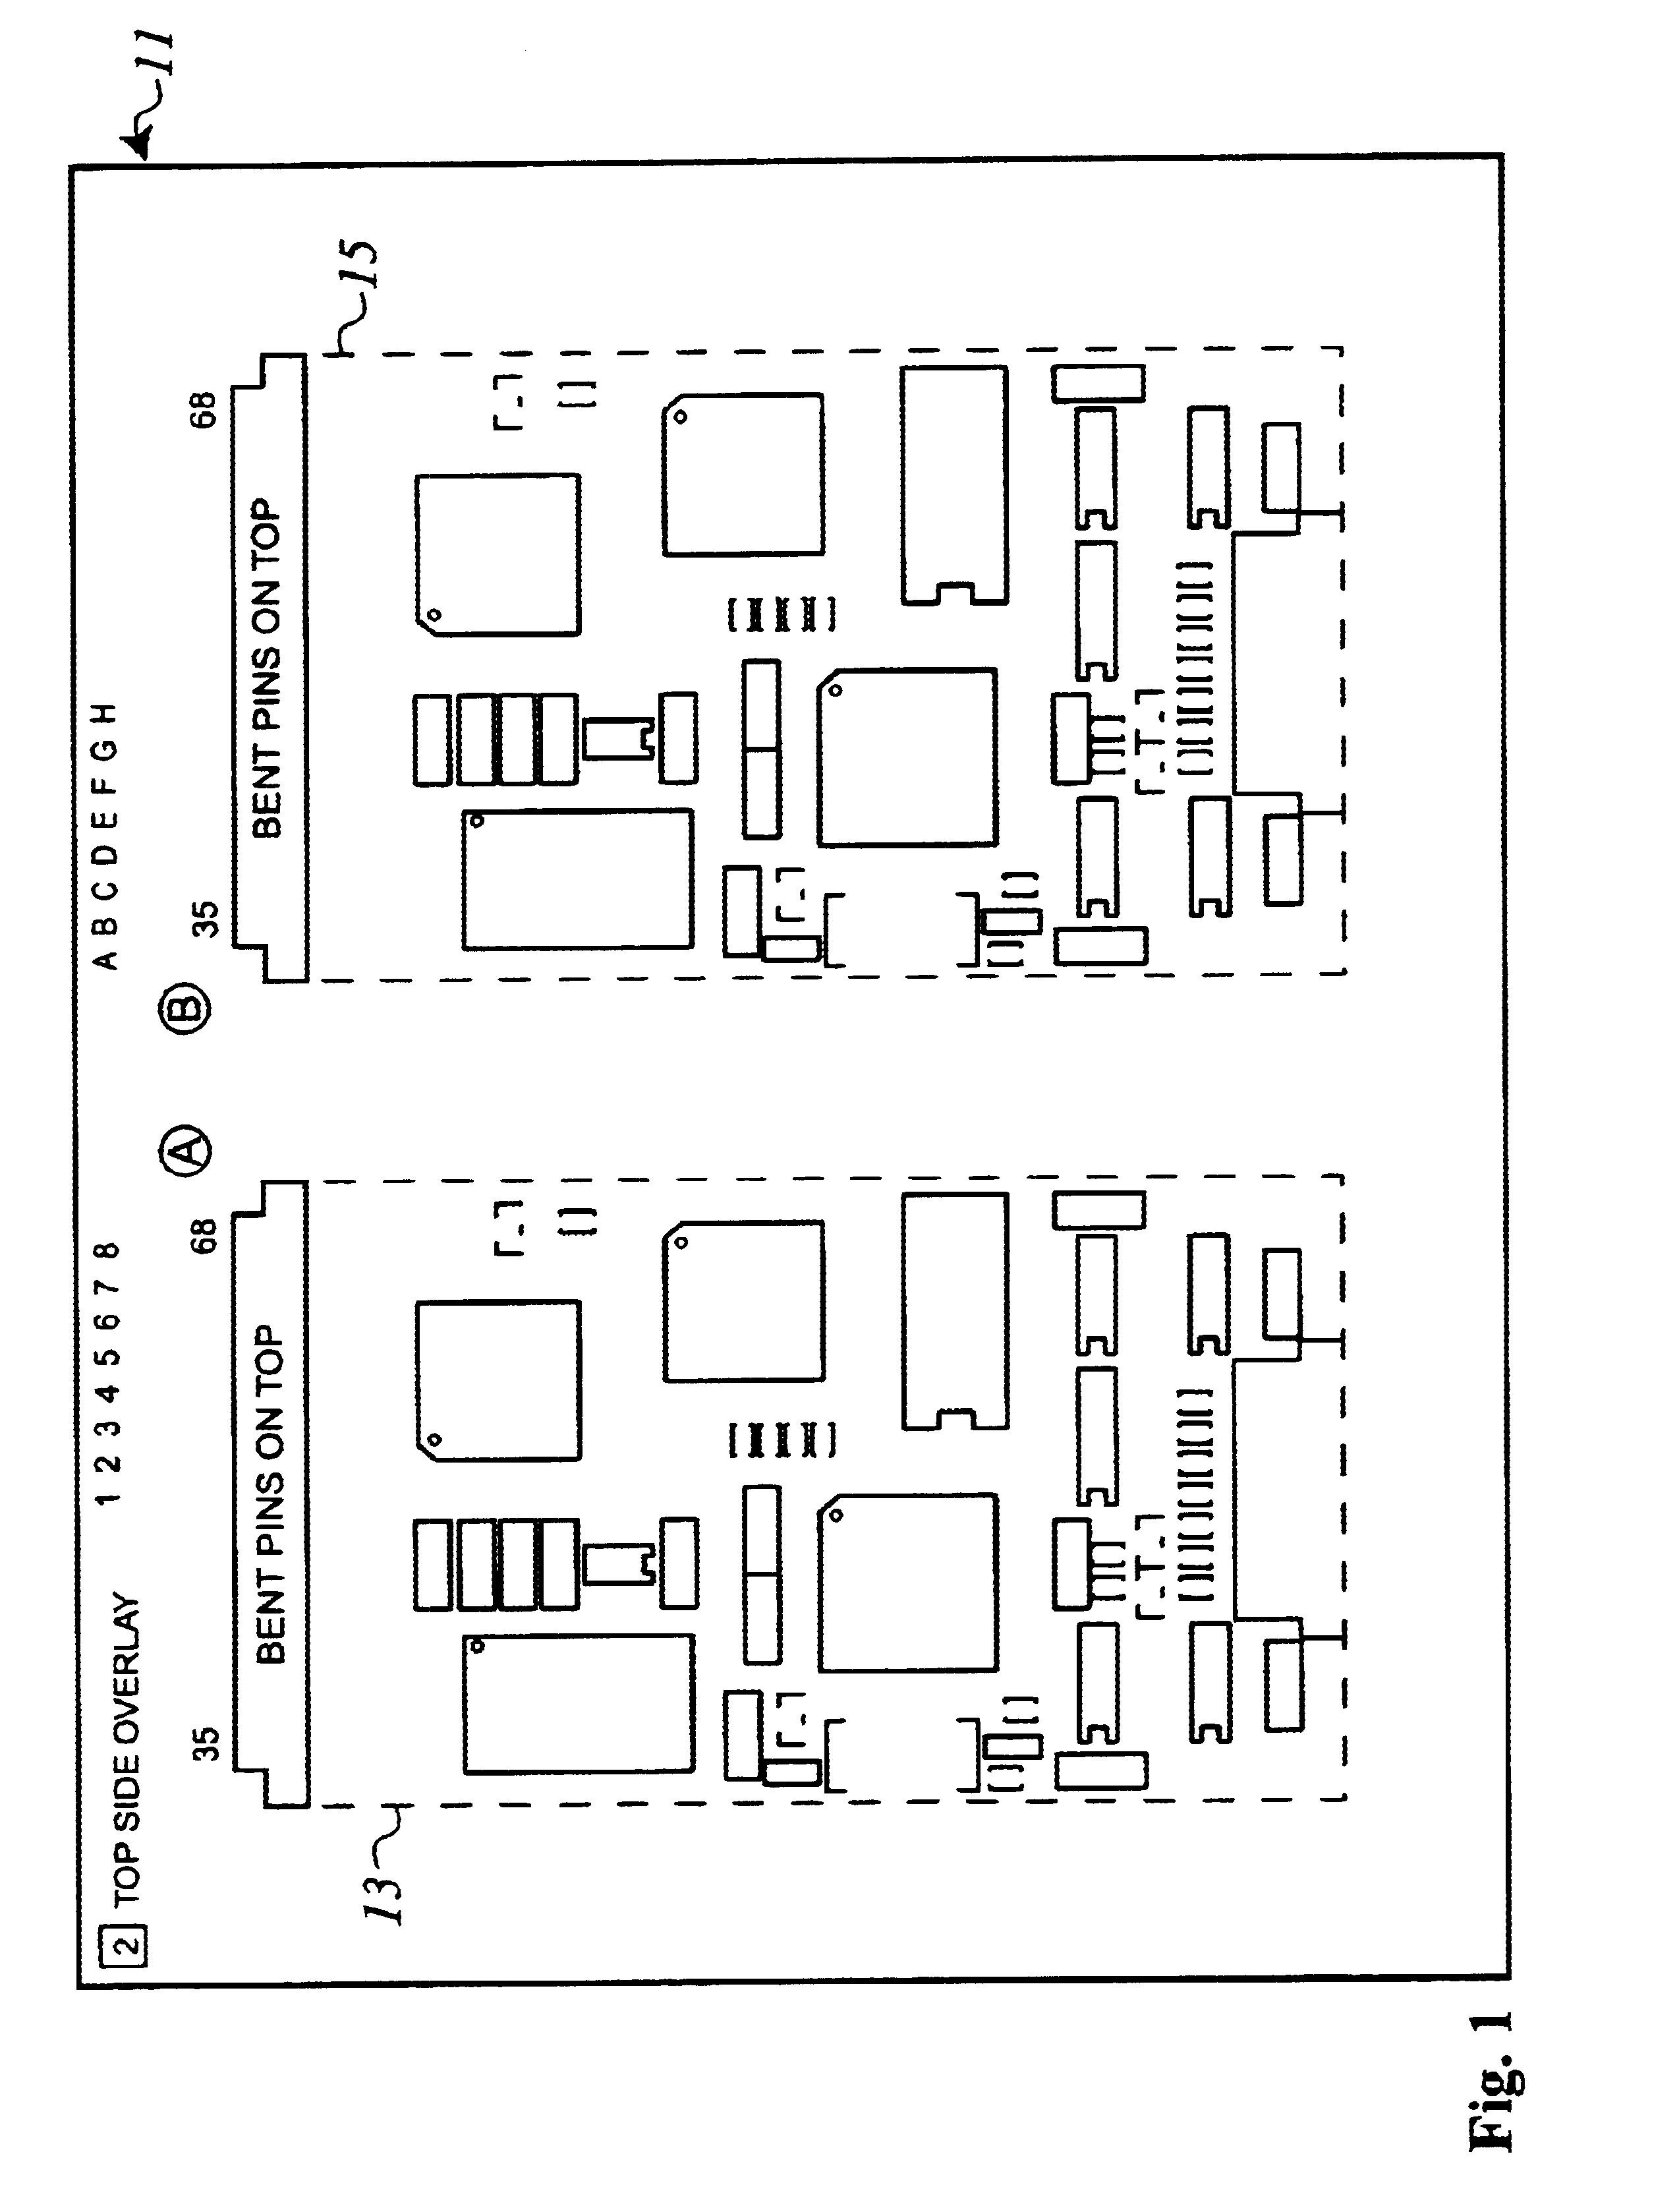 patent us6612022